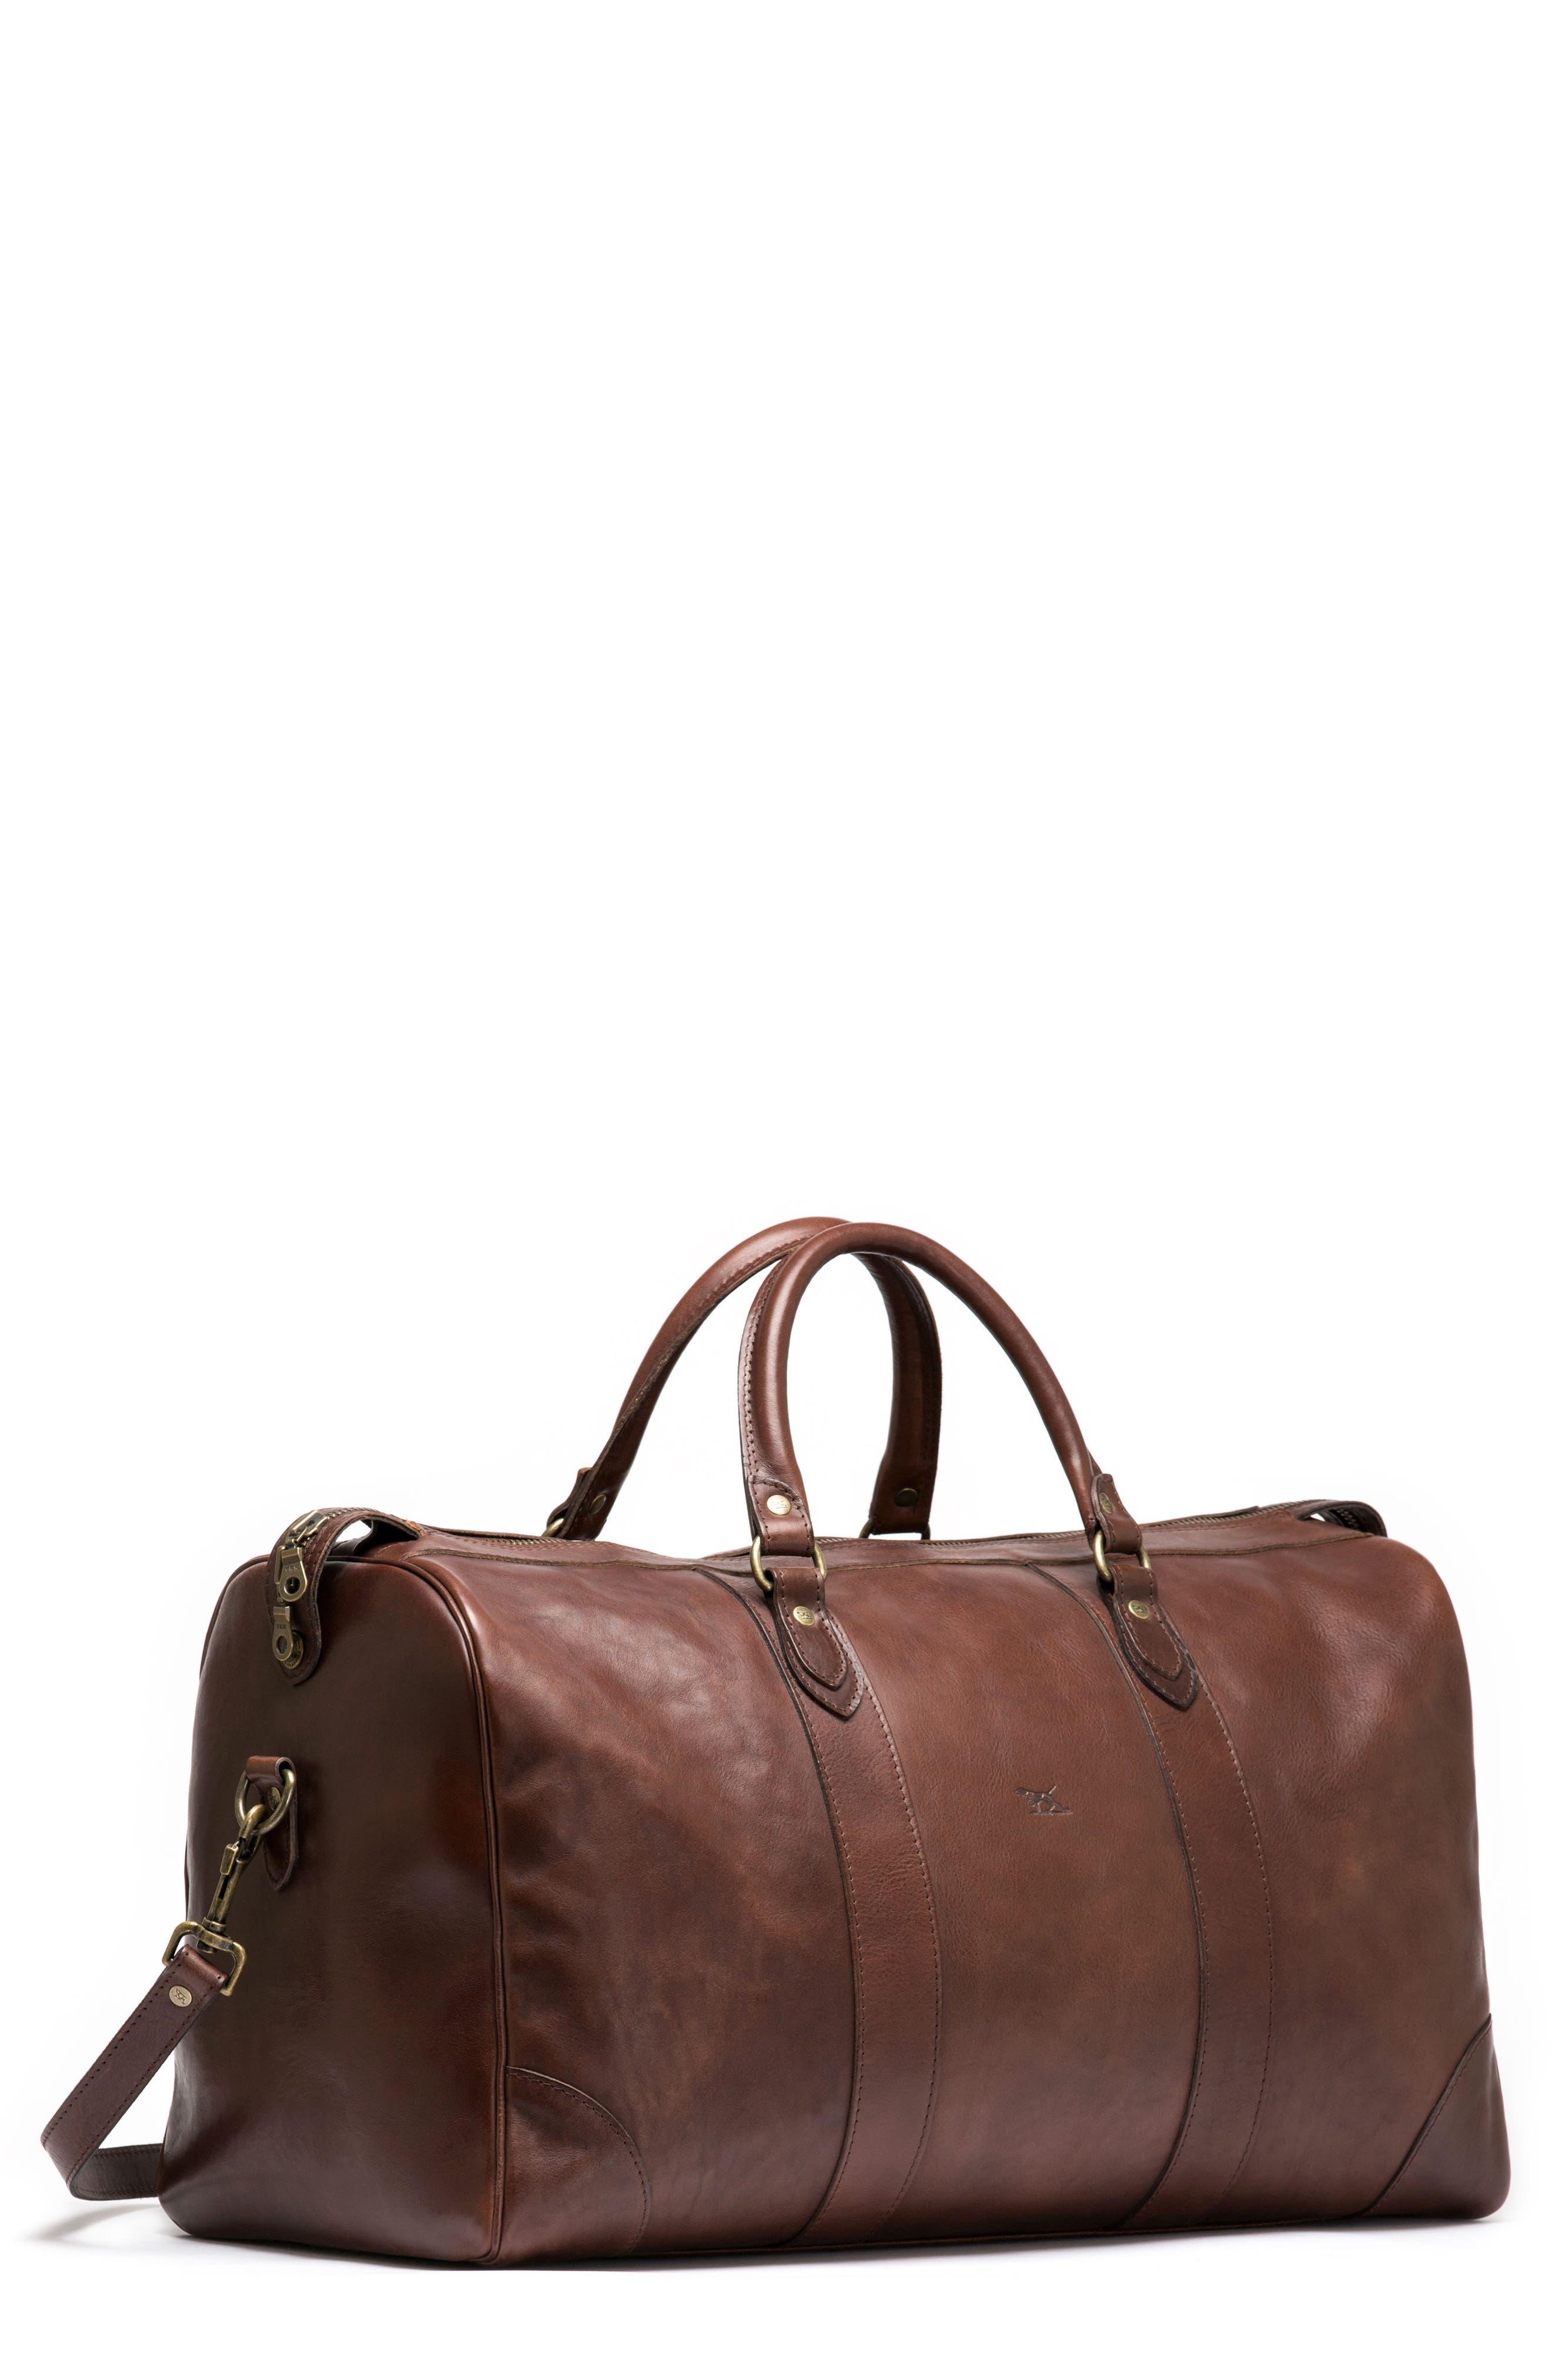 RODD & GUNN,                             Leather Duffel Bag,                             Main thumbnail 1, color,                             216